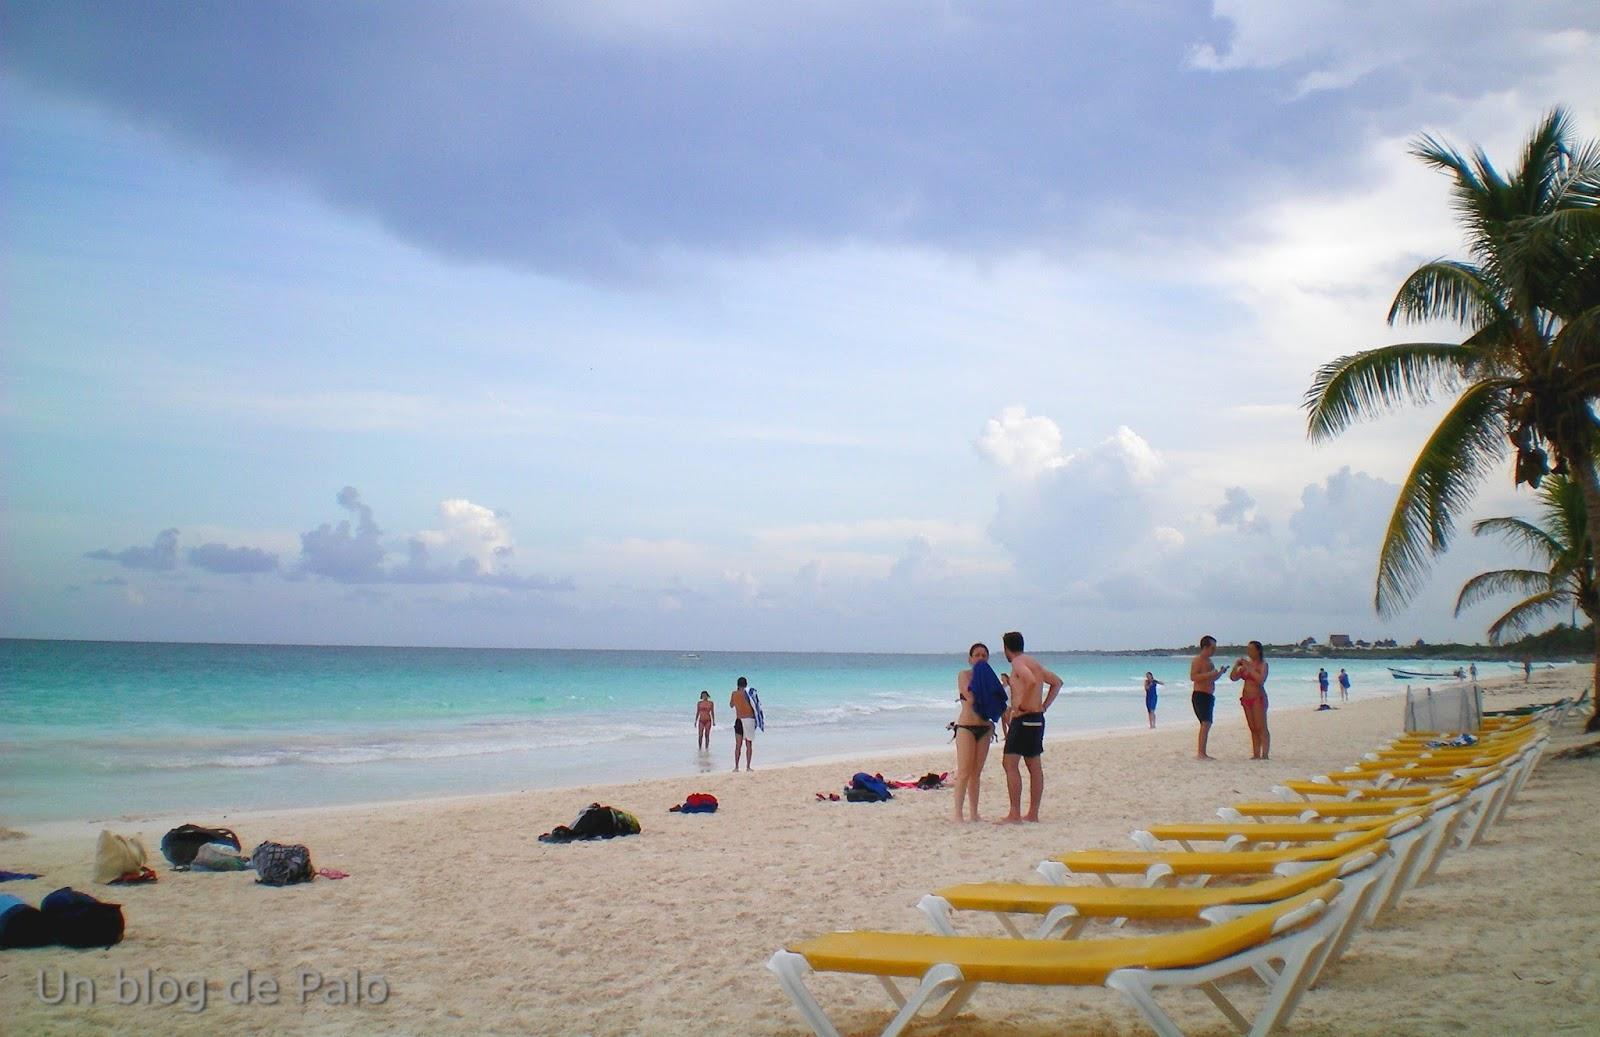 Excursiones en riviera maya cob tulum y playa para so Excursiones en riviera maya